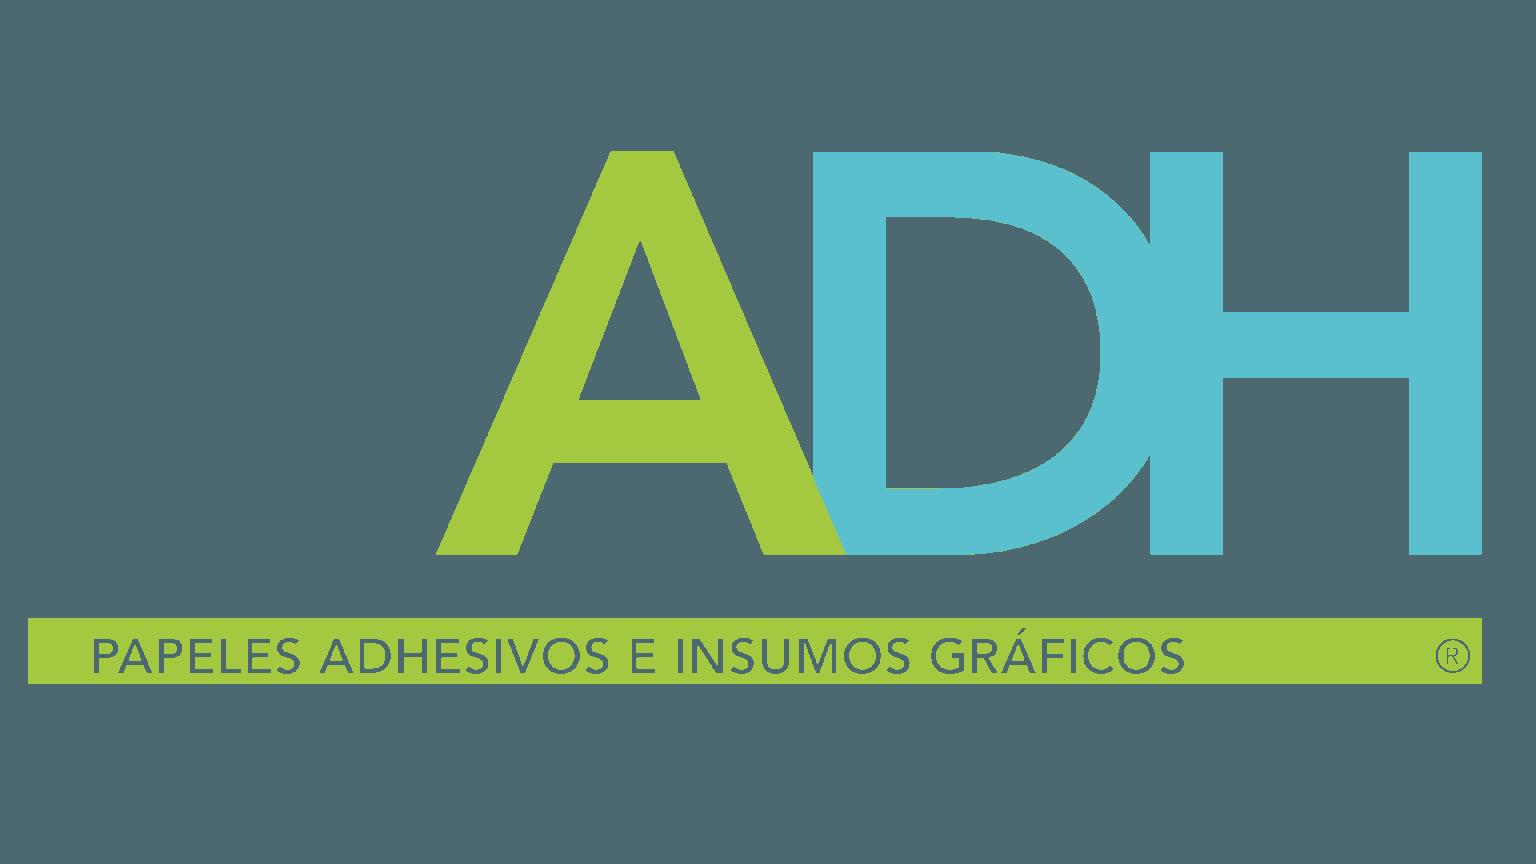 adhpapelesadhesivos